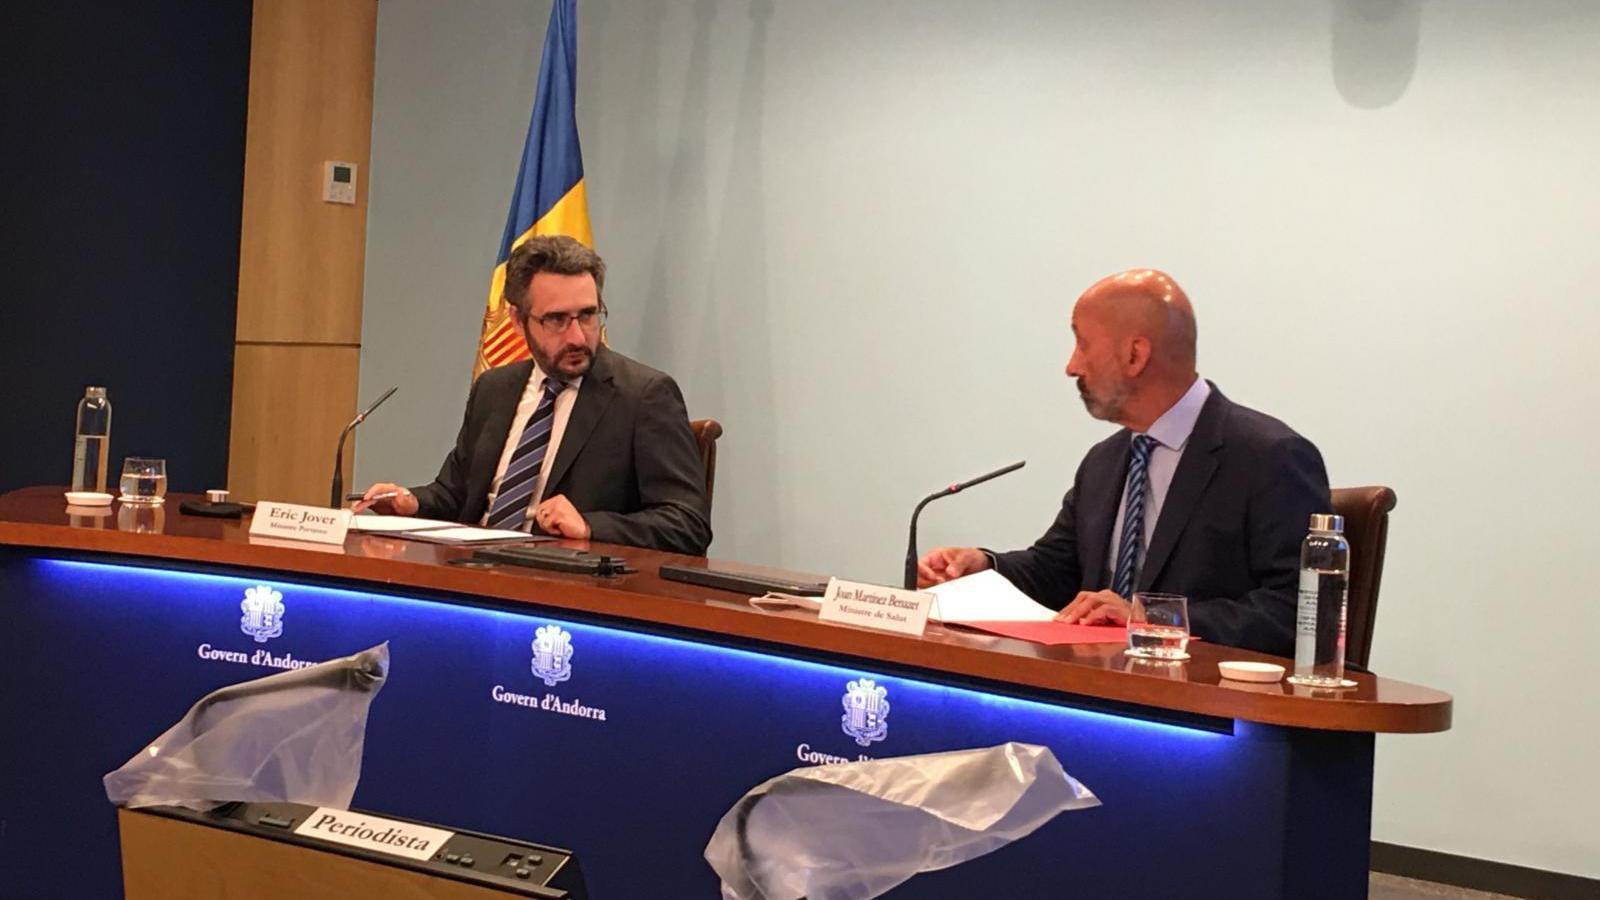 El ministre portaveu, Eric Jover, durant la roda de premsa d'aquest dimecres a la tarda, juntament amb el ministre de Salut, Joan Martínez Benazet